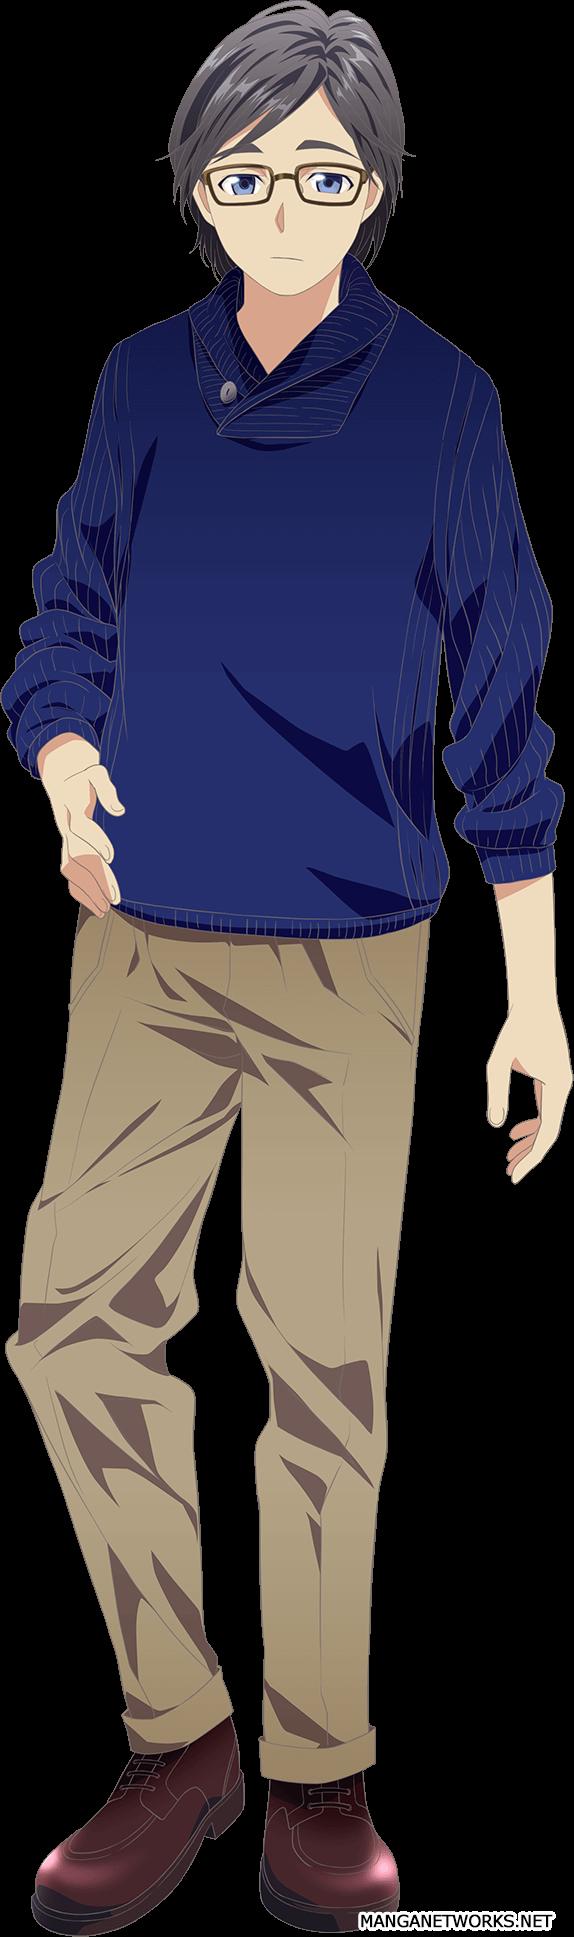 31671725352 187d4a71b8 o Anime Hand Shakers tung ra quảng cáo mới đầy thú vị